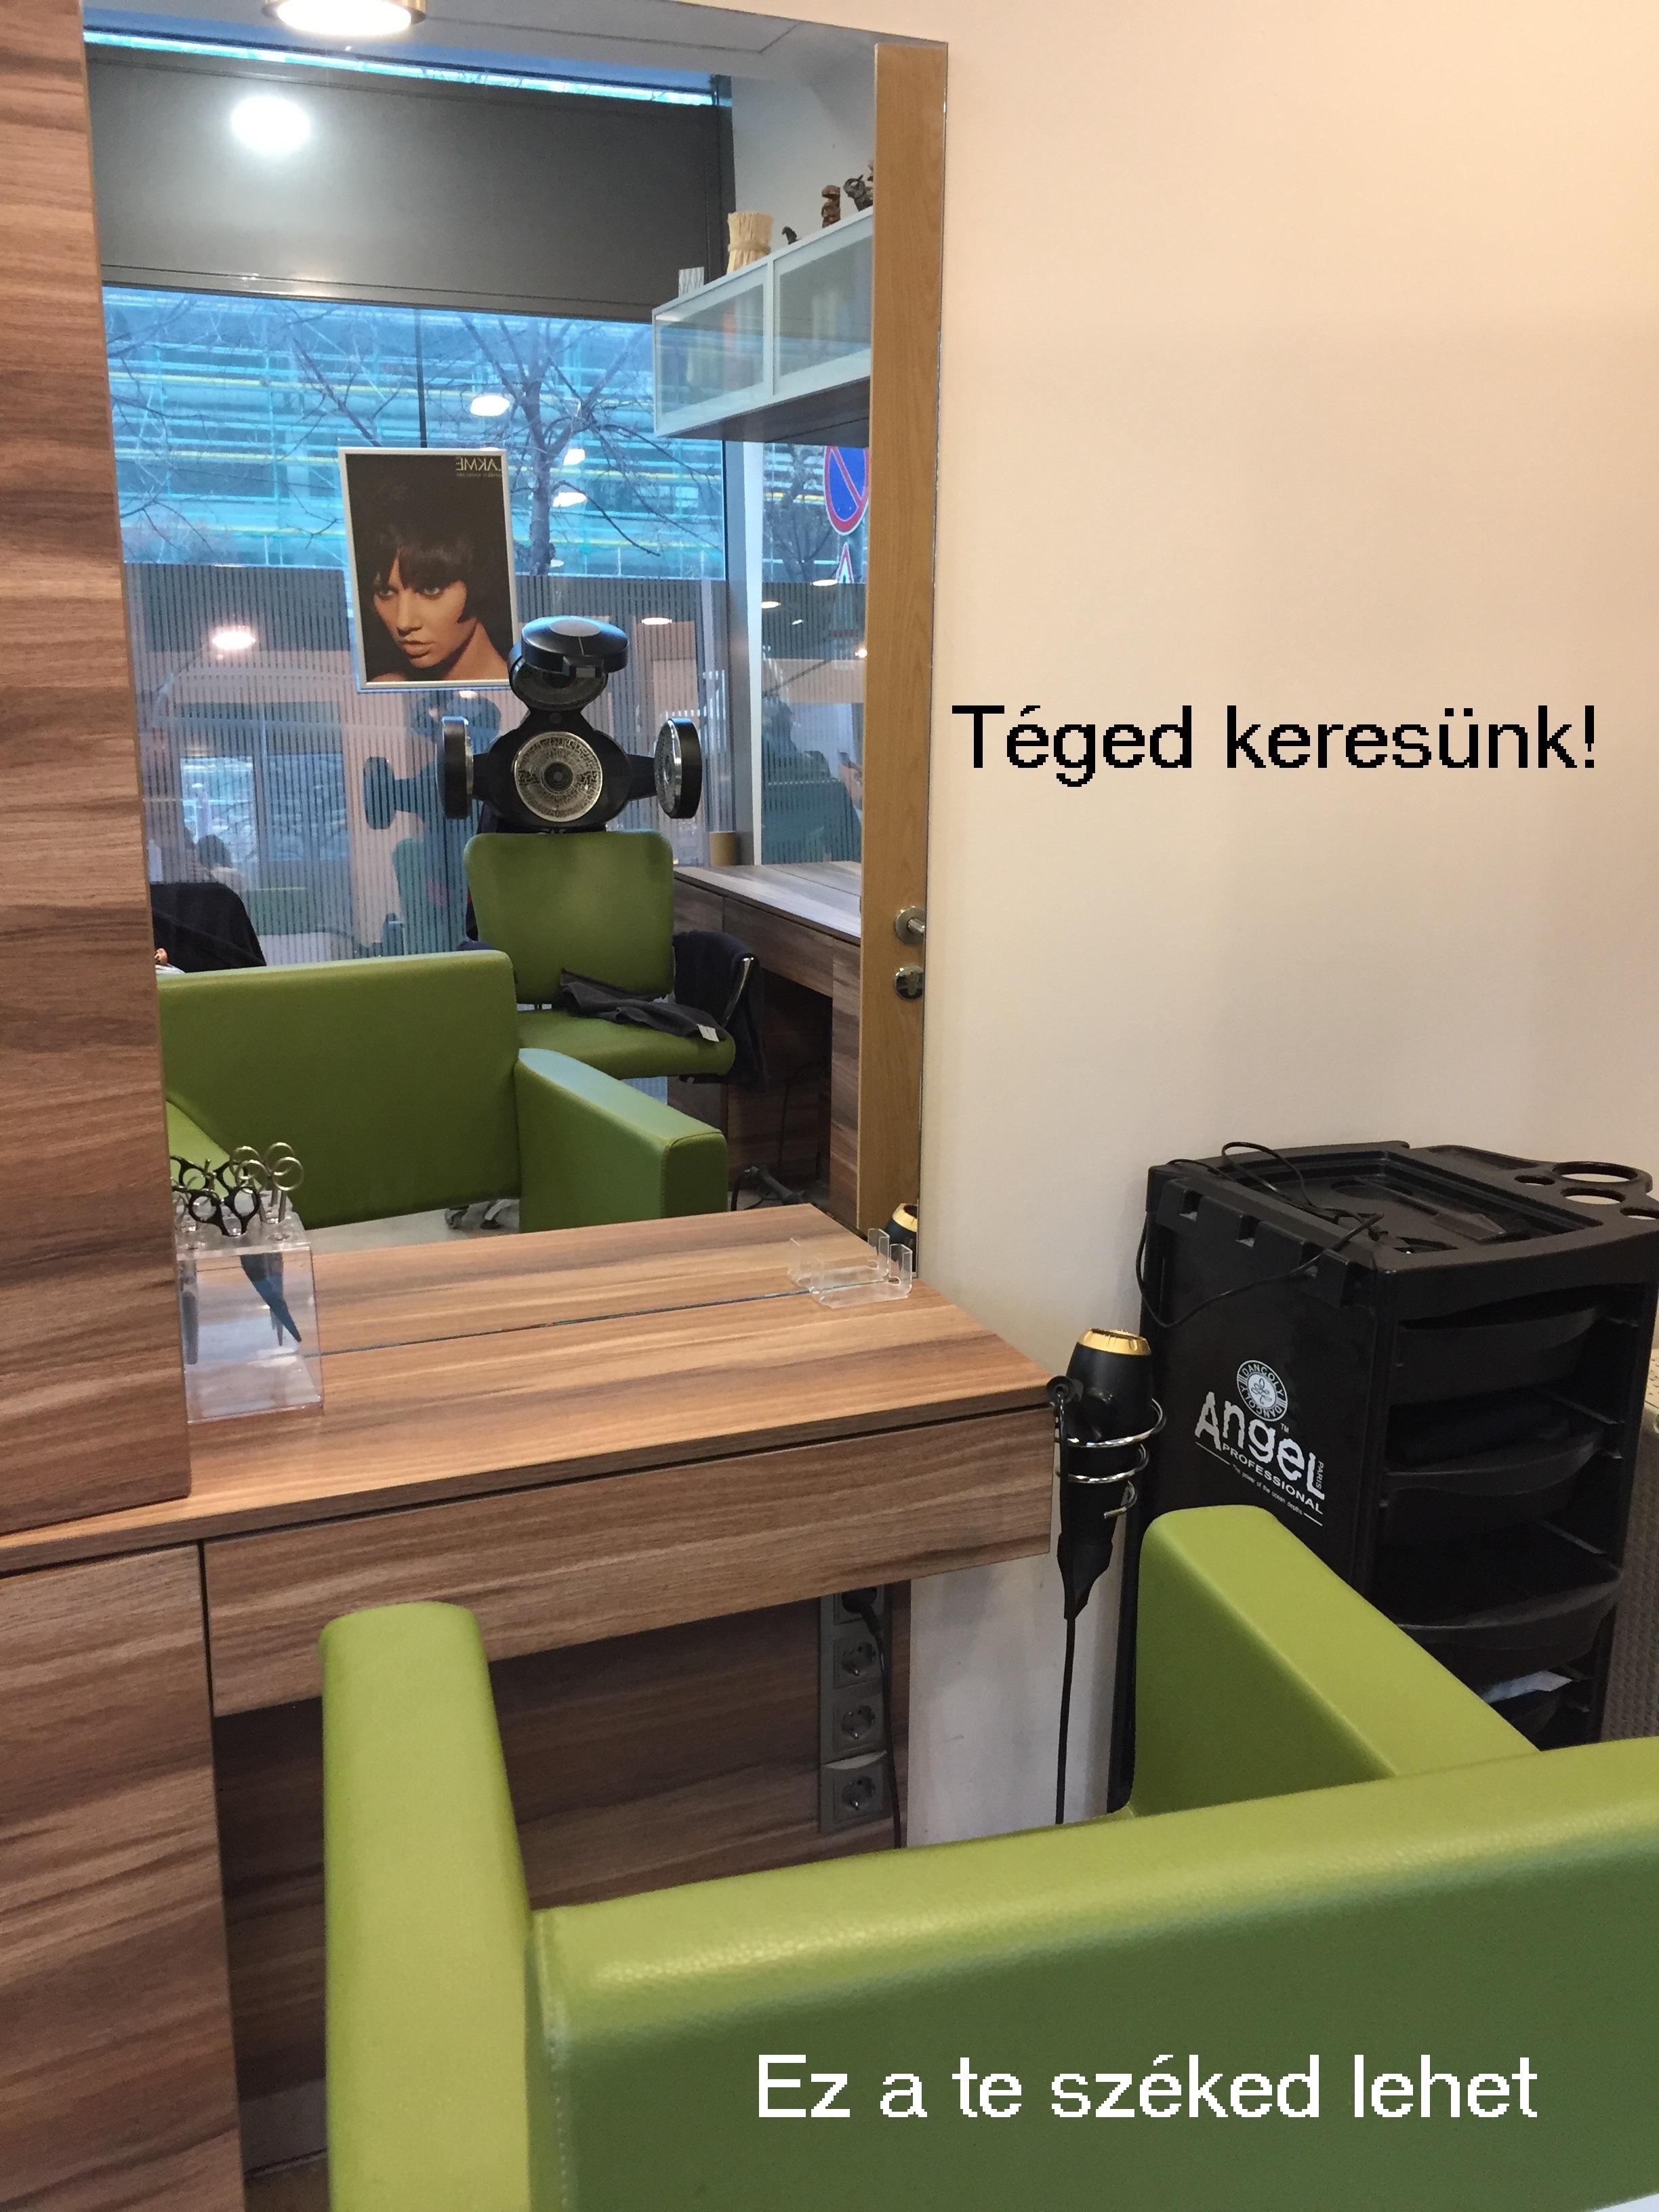 kinga_szalon_szek.JPG